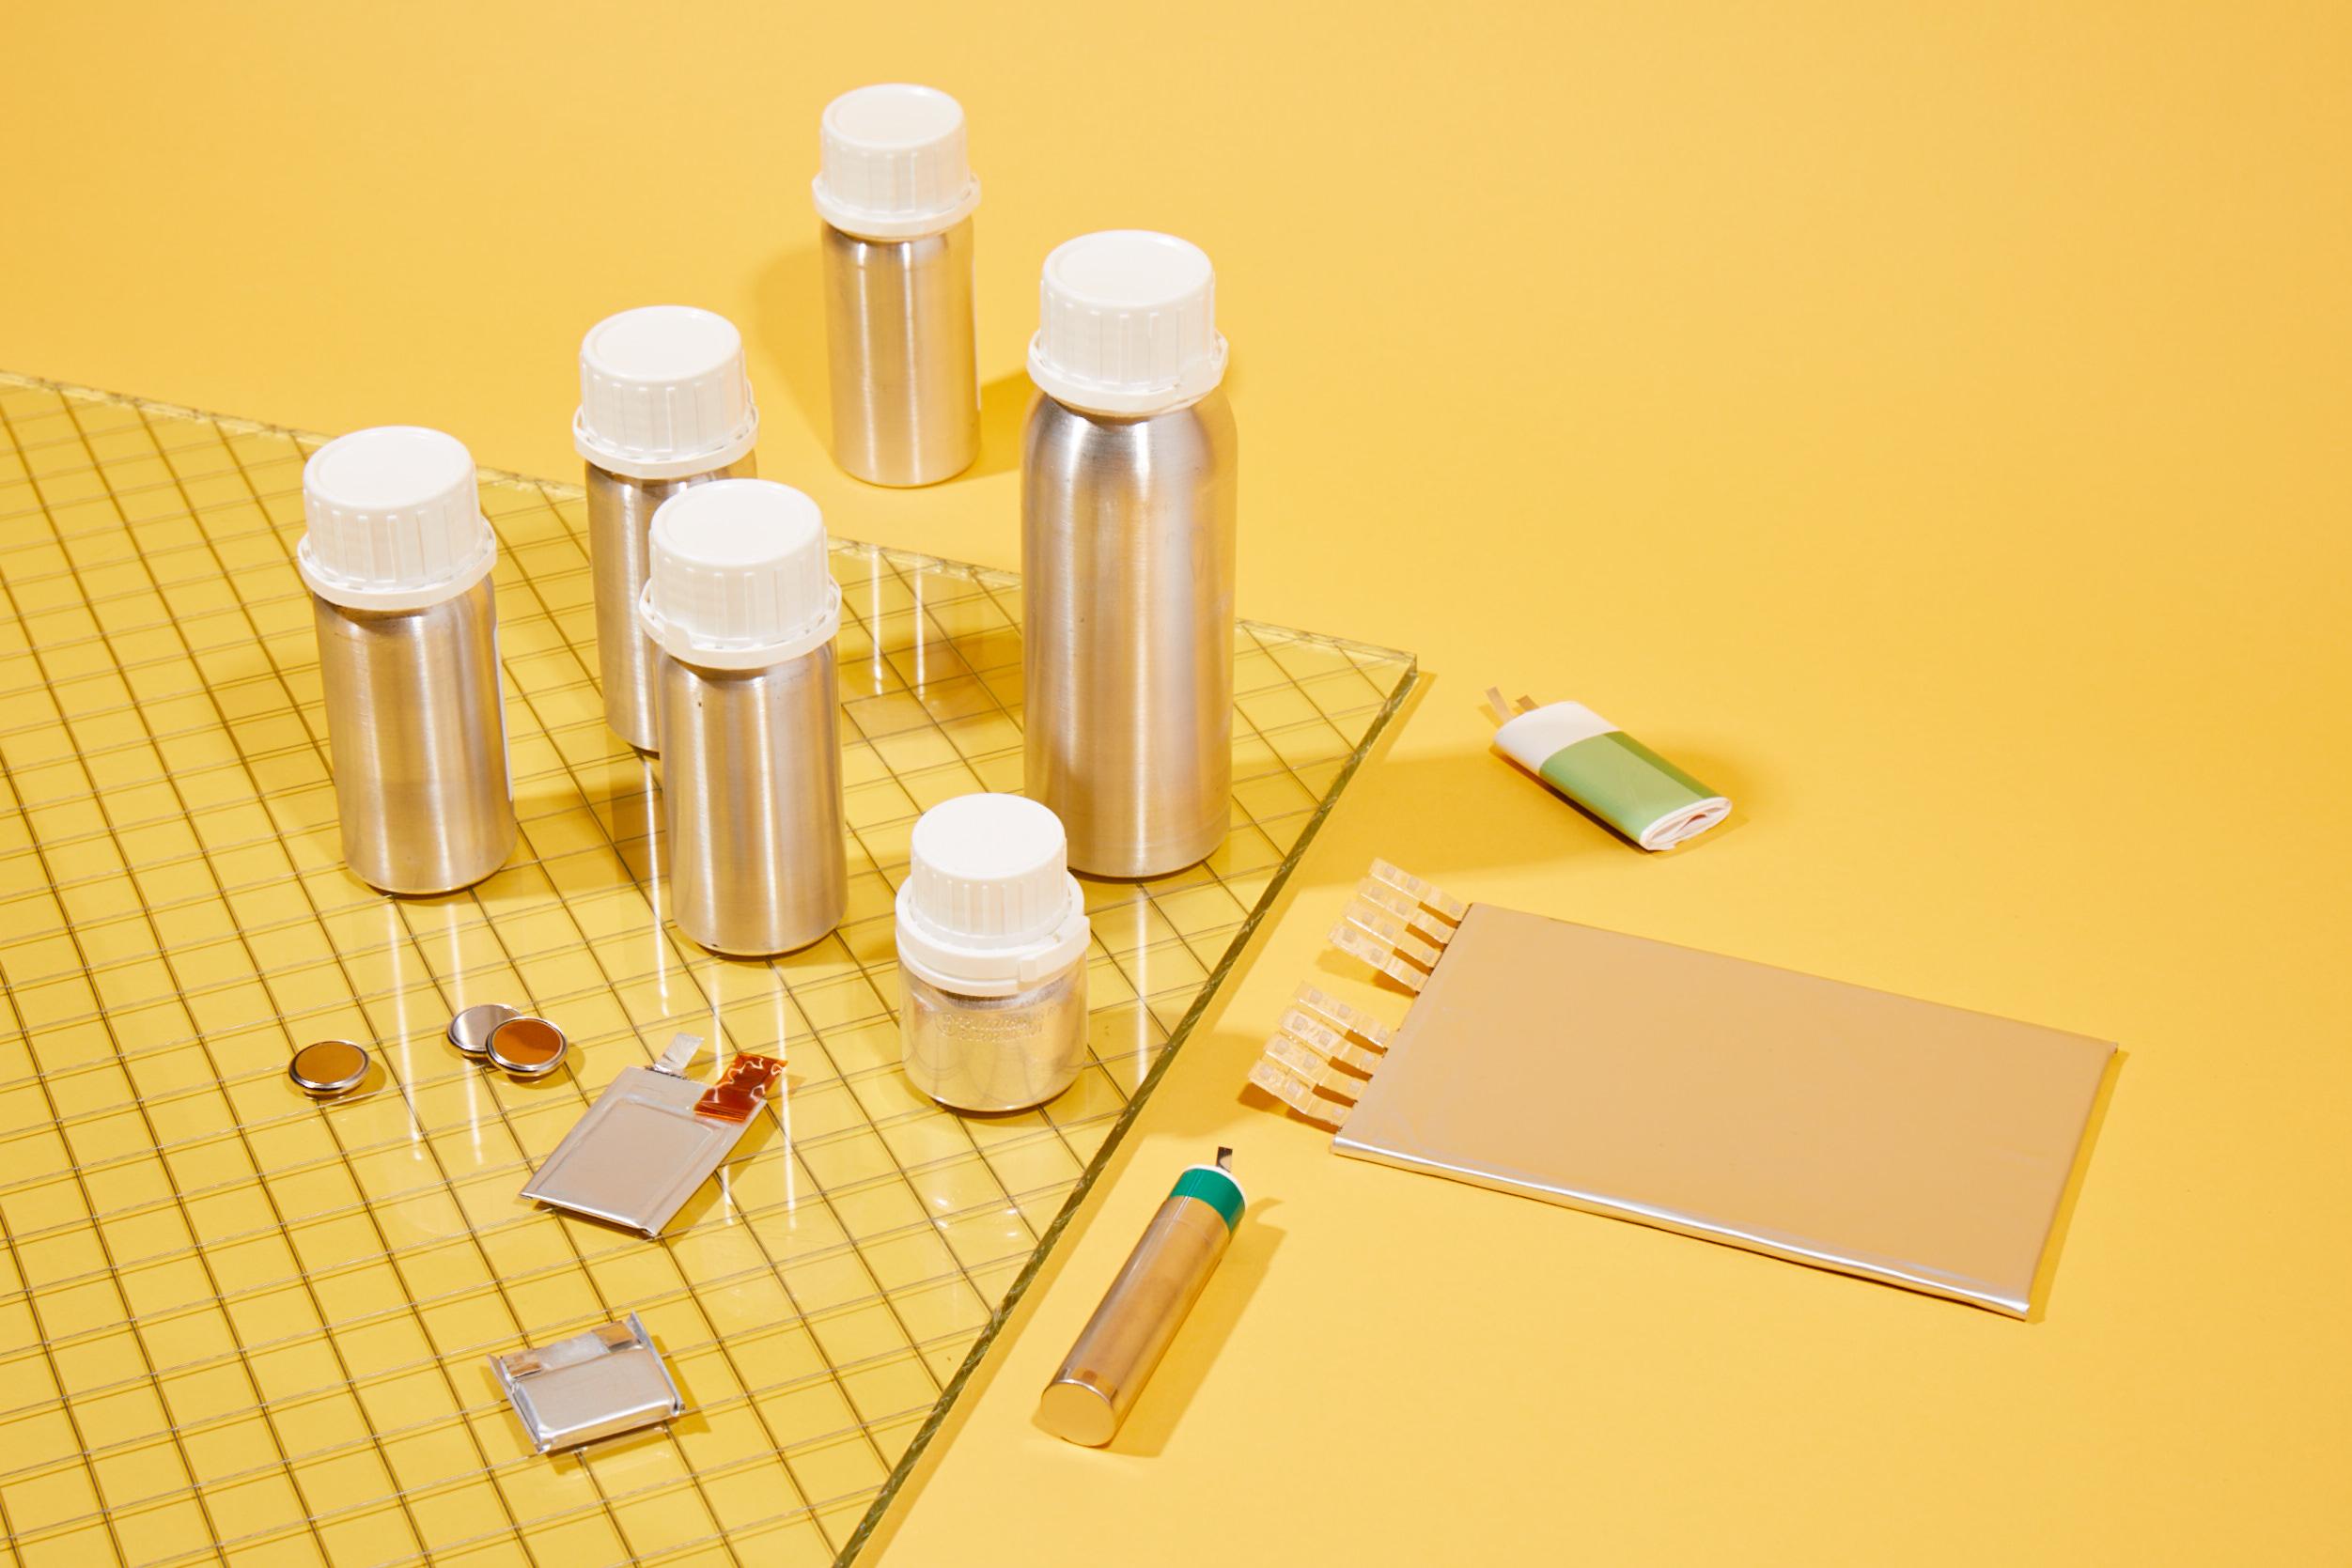 Monedas y otros componentes del kit de batería de CAMX.